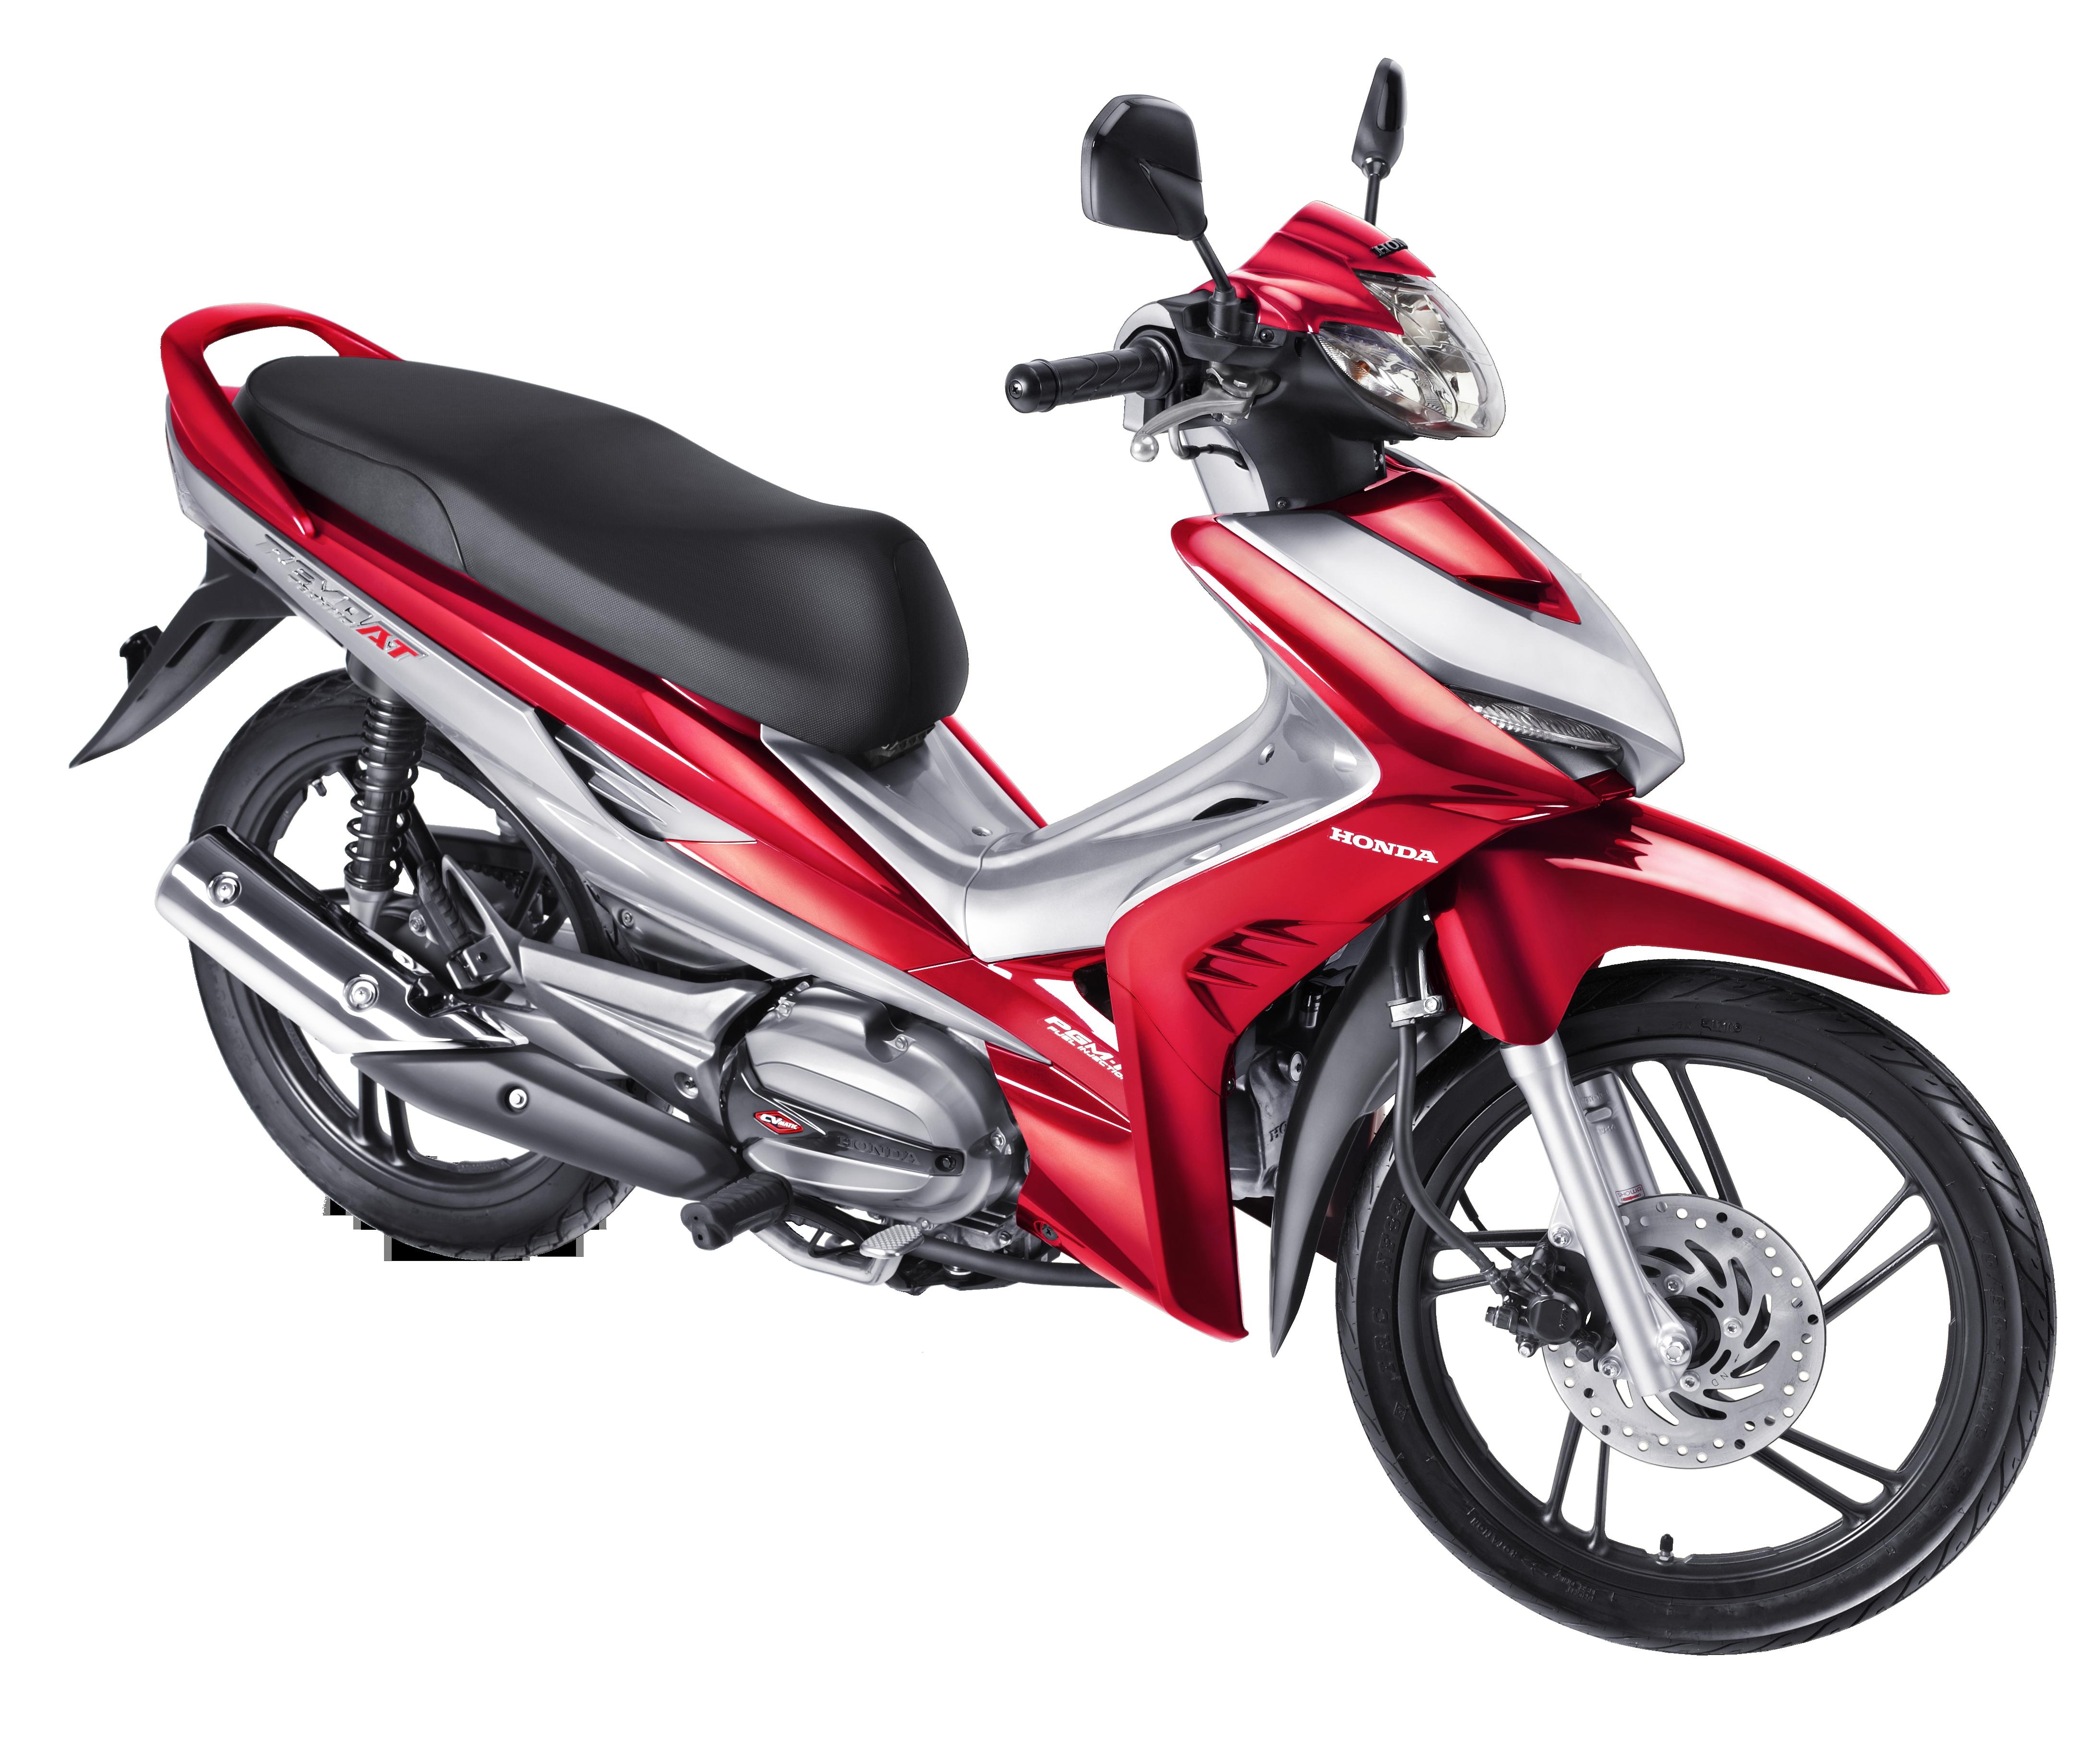 Koleksi Harga Modifikasi Motor Honda Revo Terbaru Dinding Motor